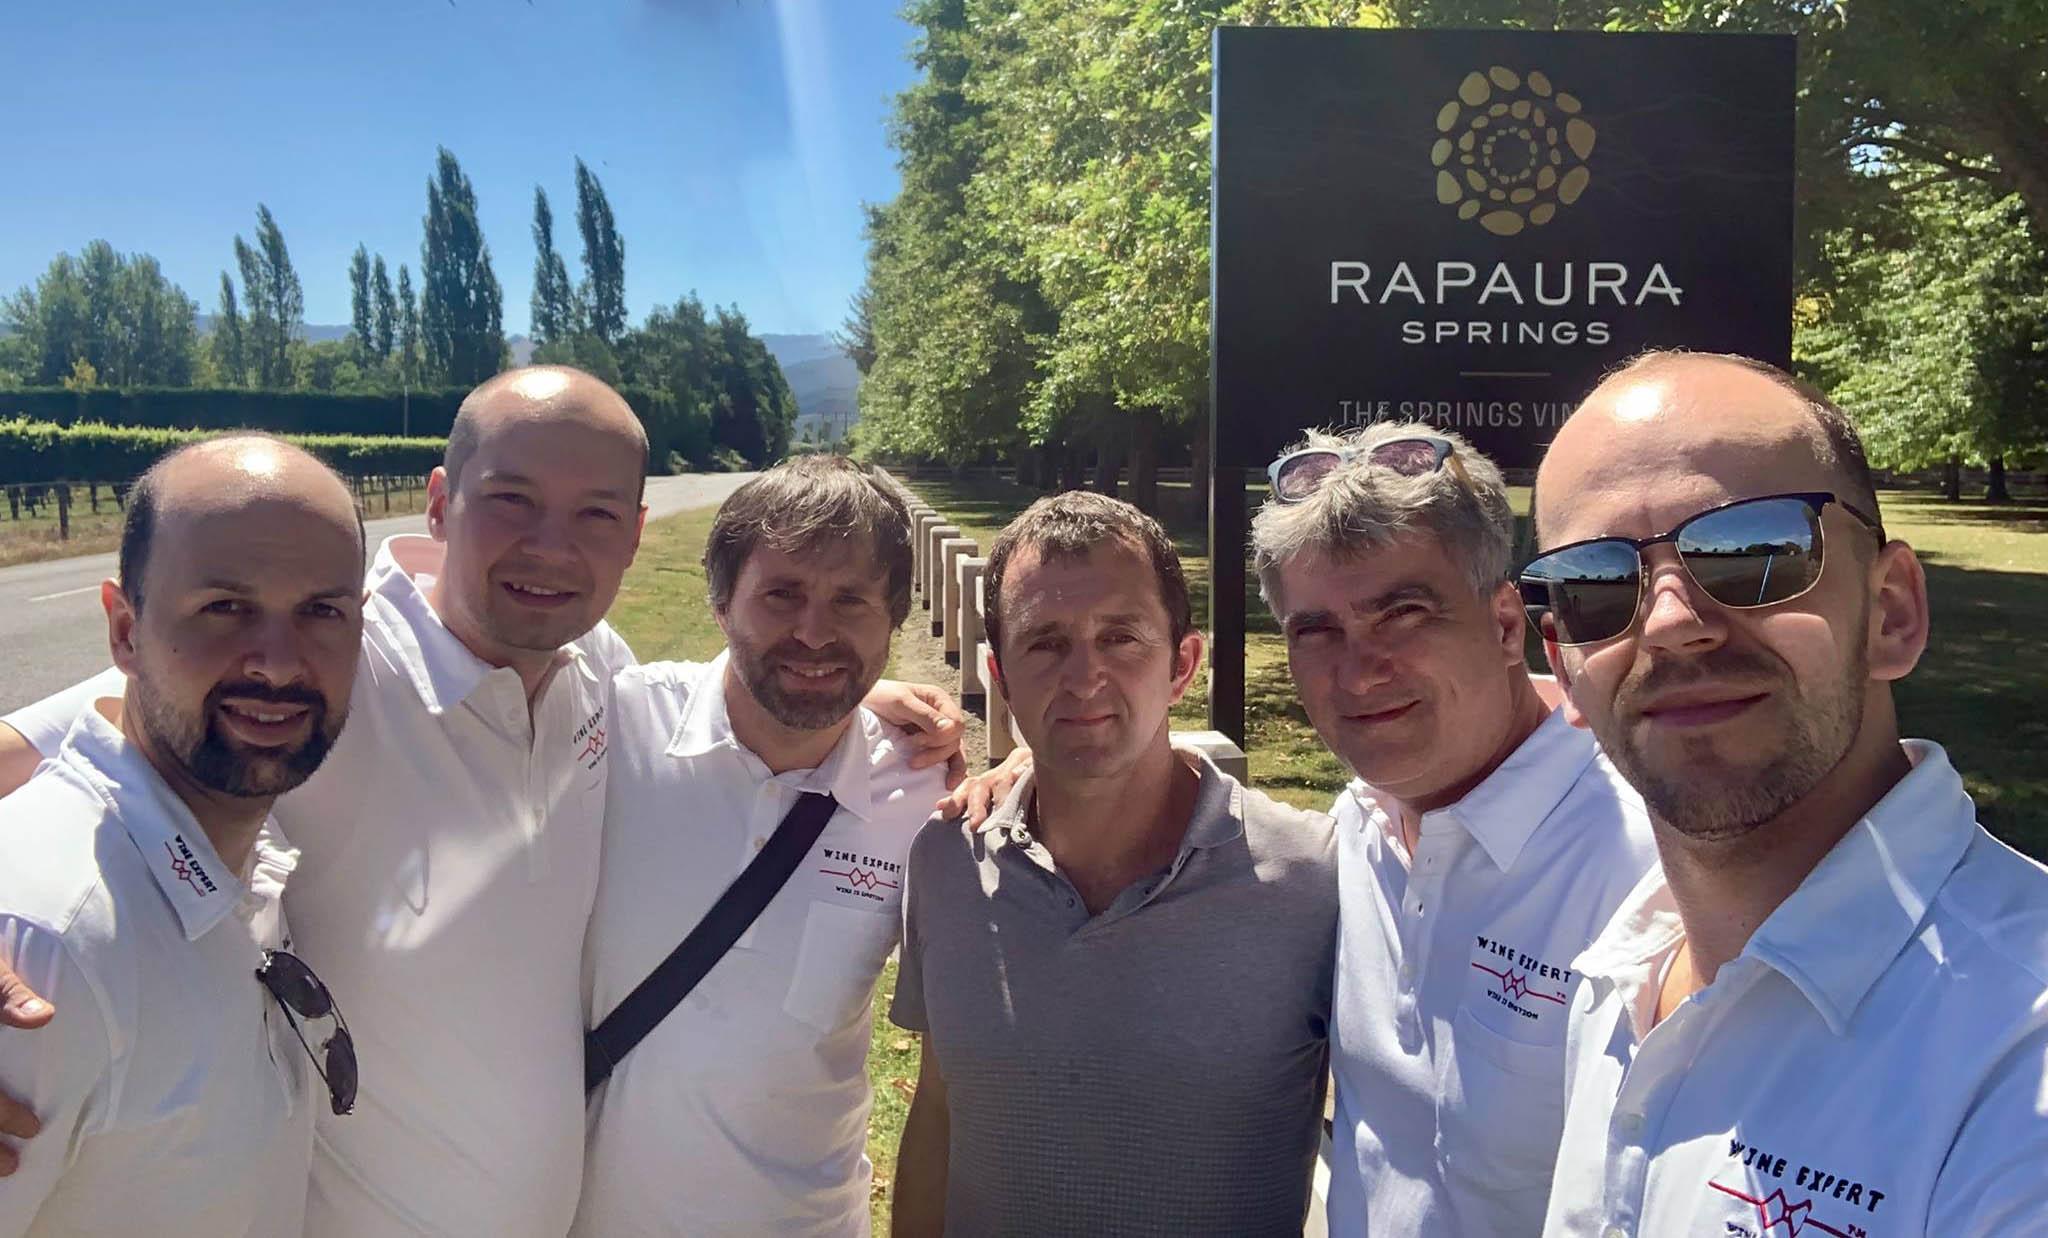 Rapaura Springs 4